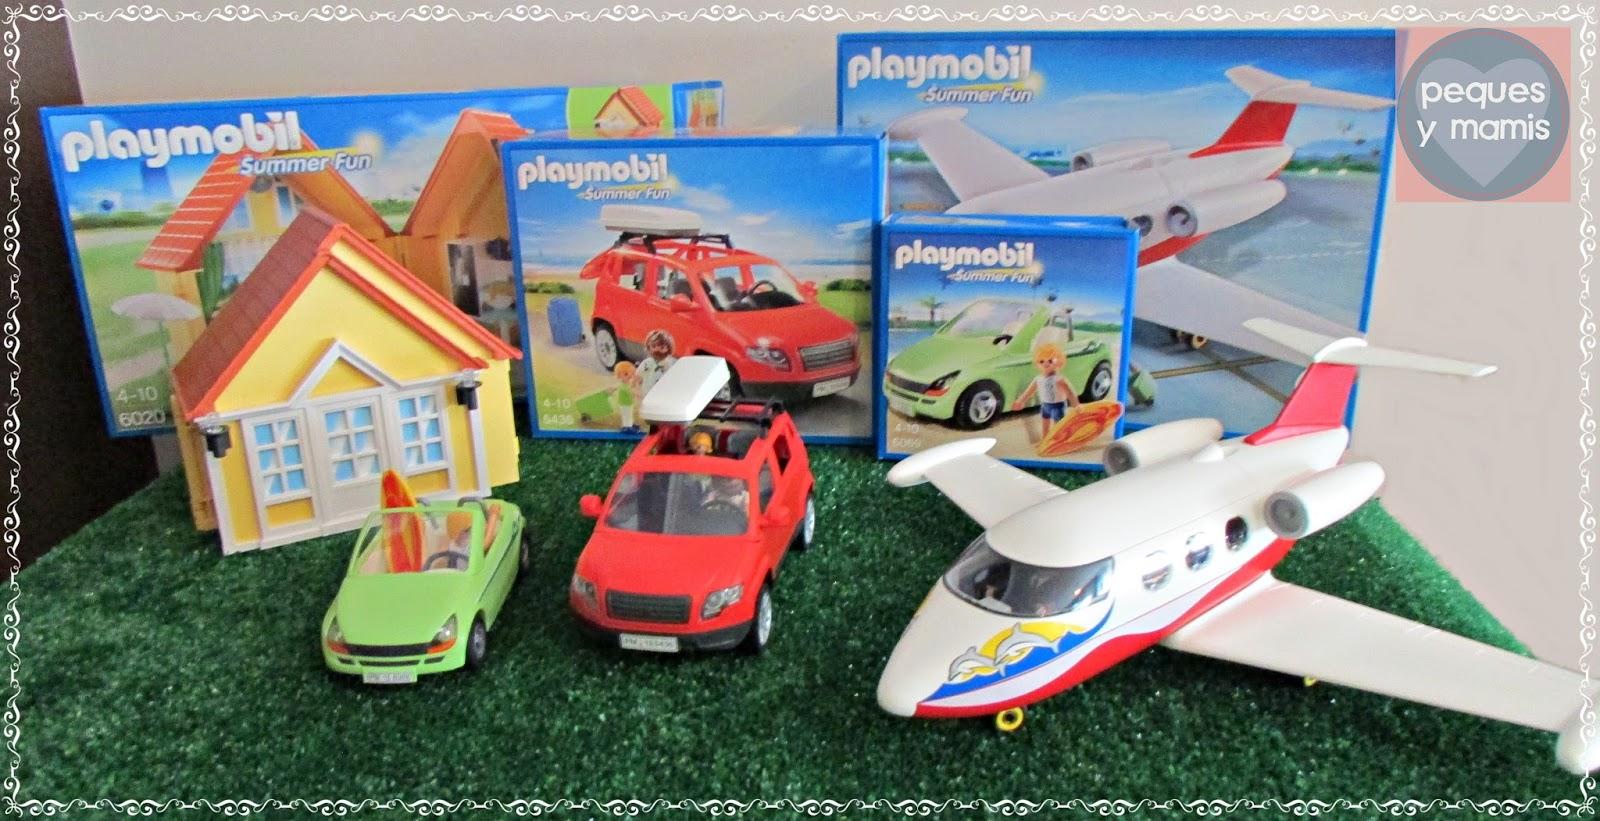 Pequesymamis productos probados - Playmobil 3230 casa de vacaciones ...